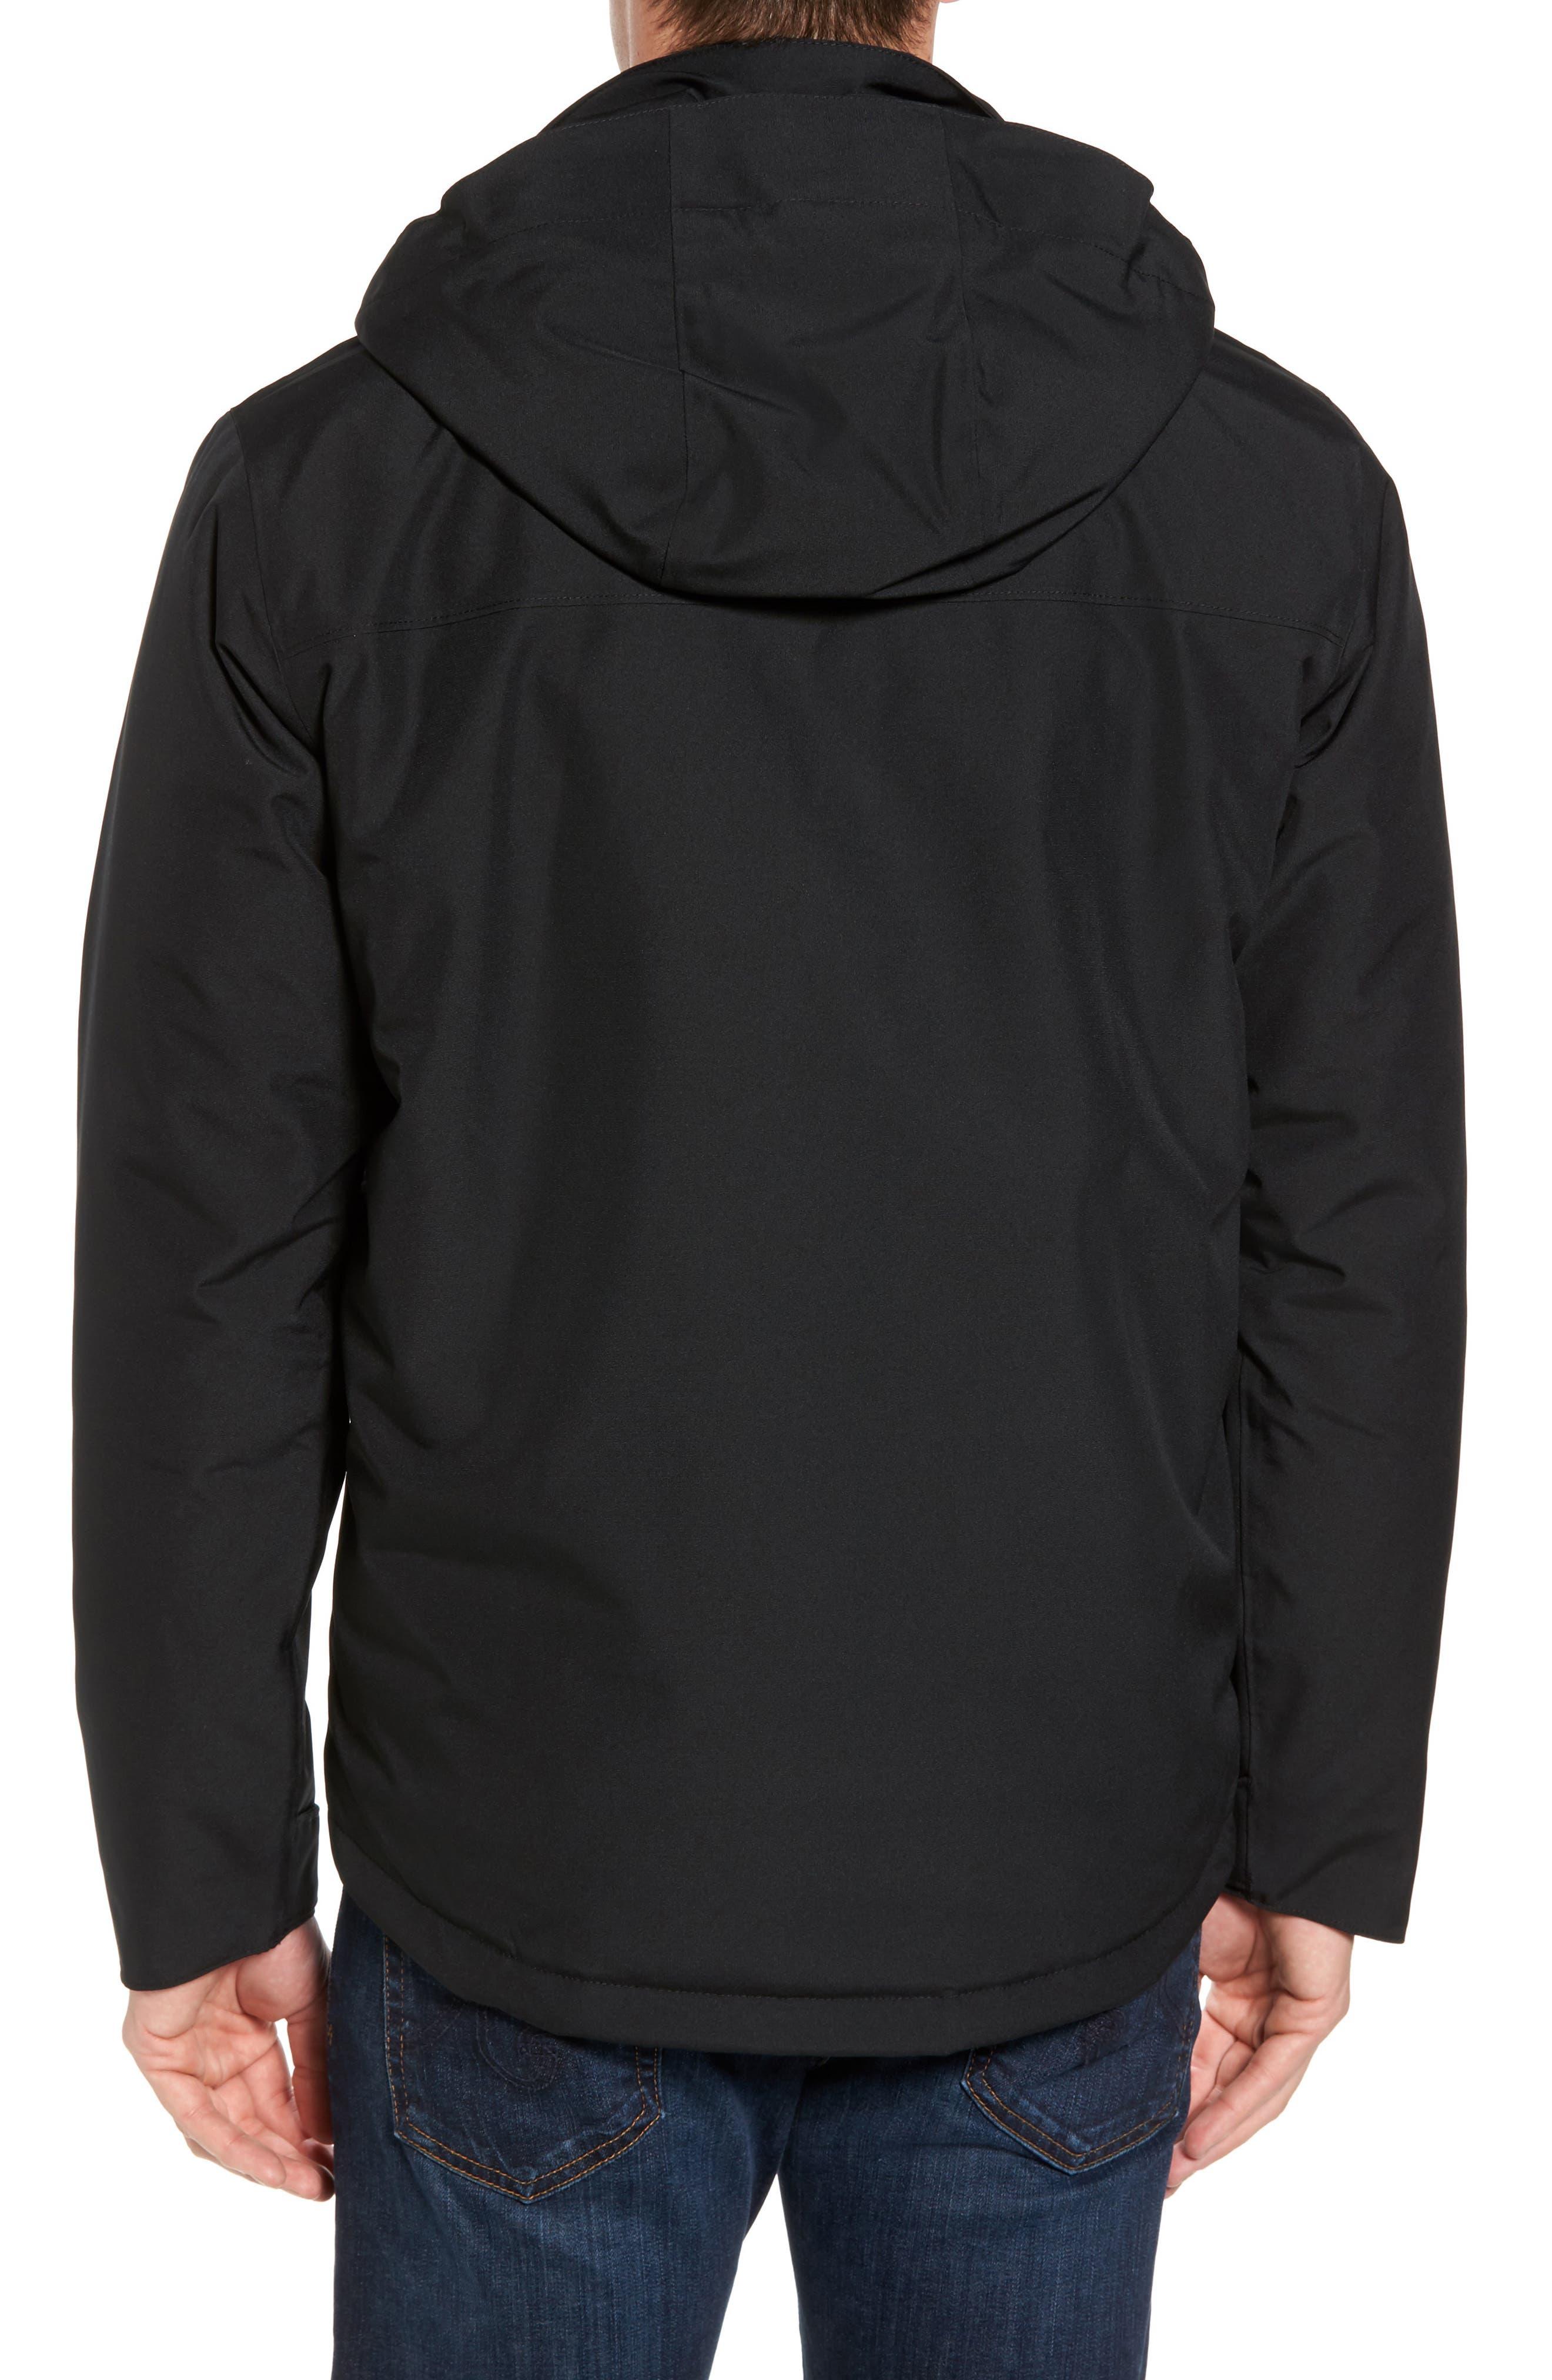 Topley Waterproof Down Jacket,                             Alternate thumbnail 2, color,                             001